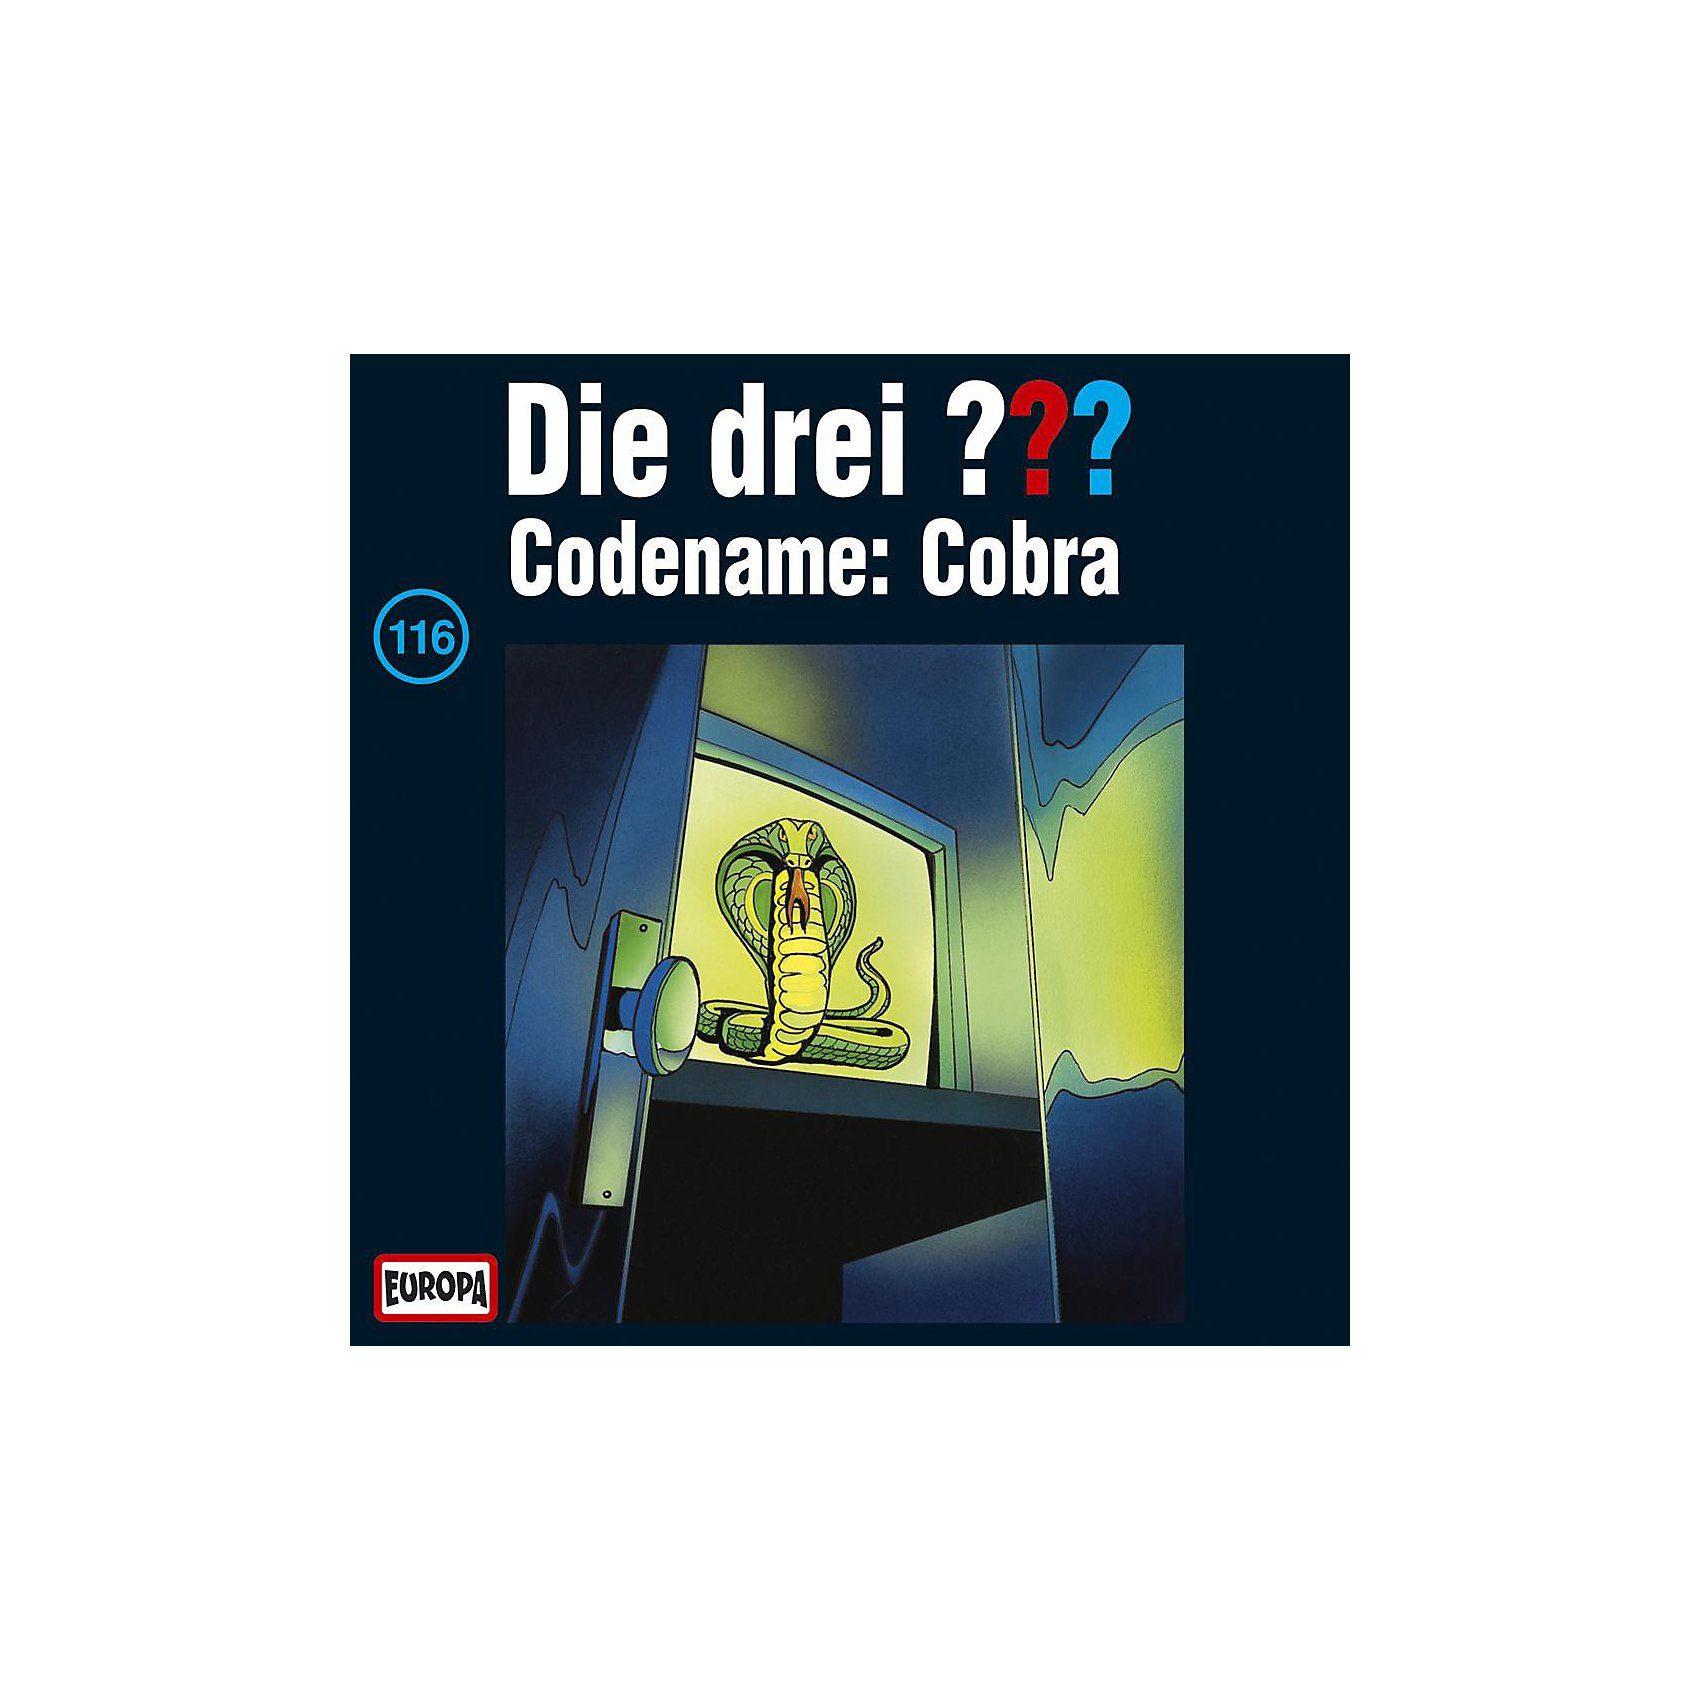 Sony CD Die drei ??? 116 (Codename: Cobra)